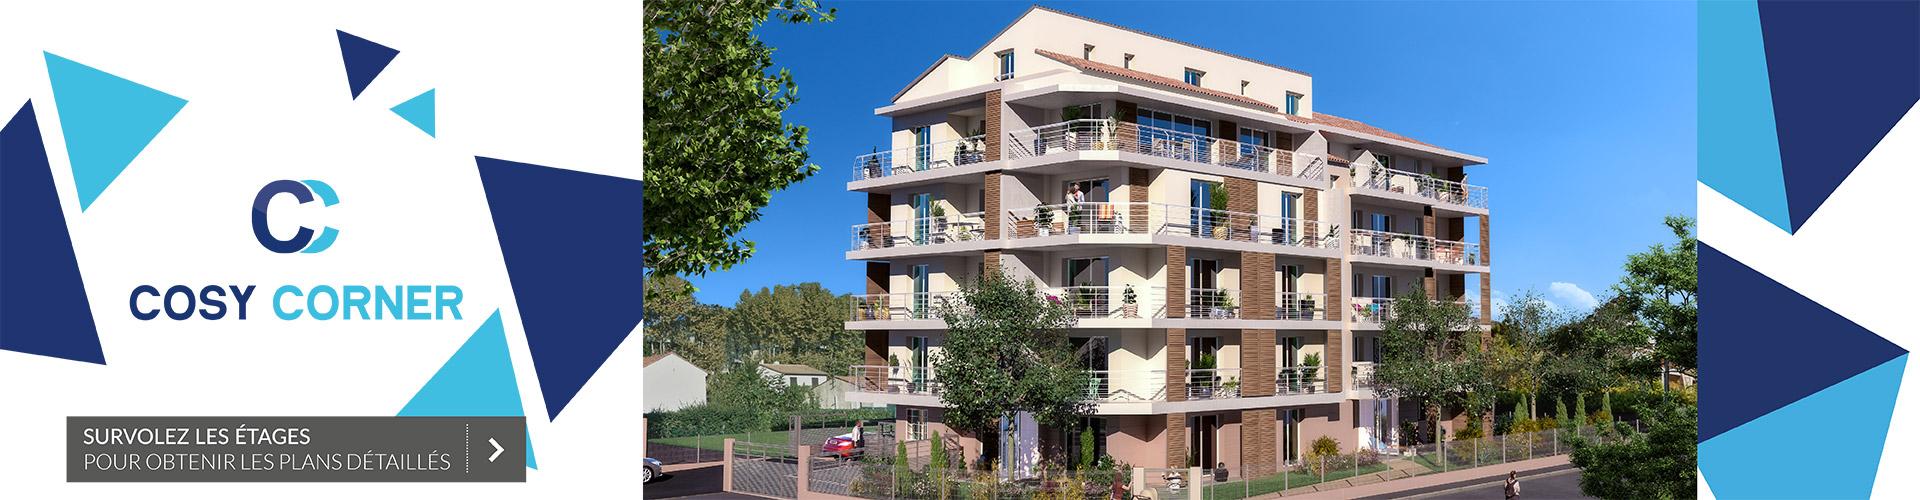 Résidence Cosy Corner à Toulon 83 - Logements neufs